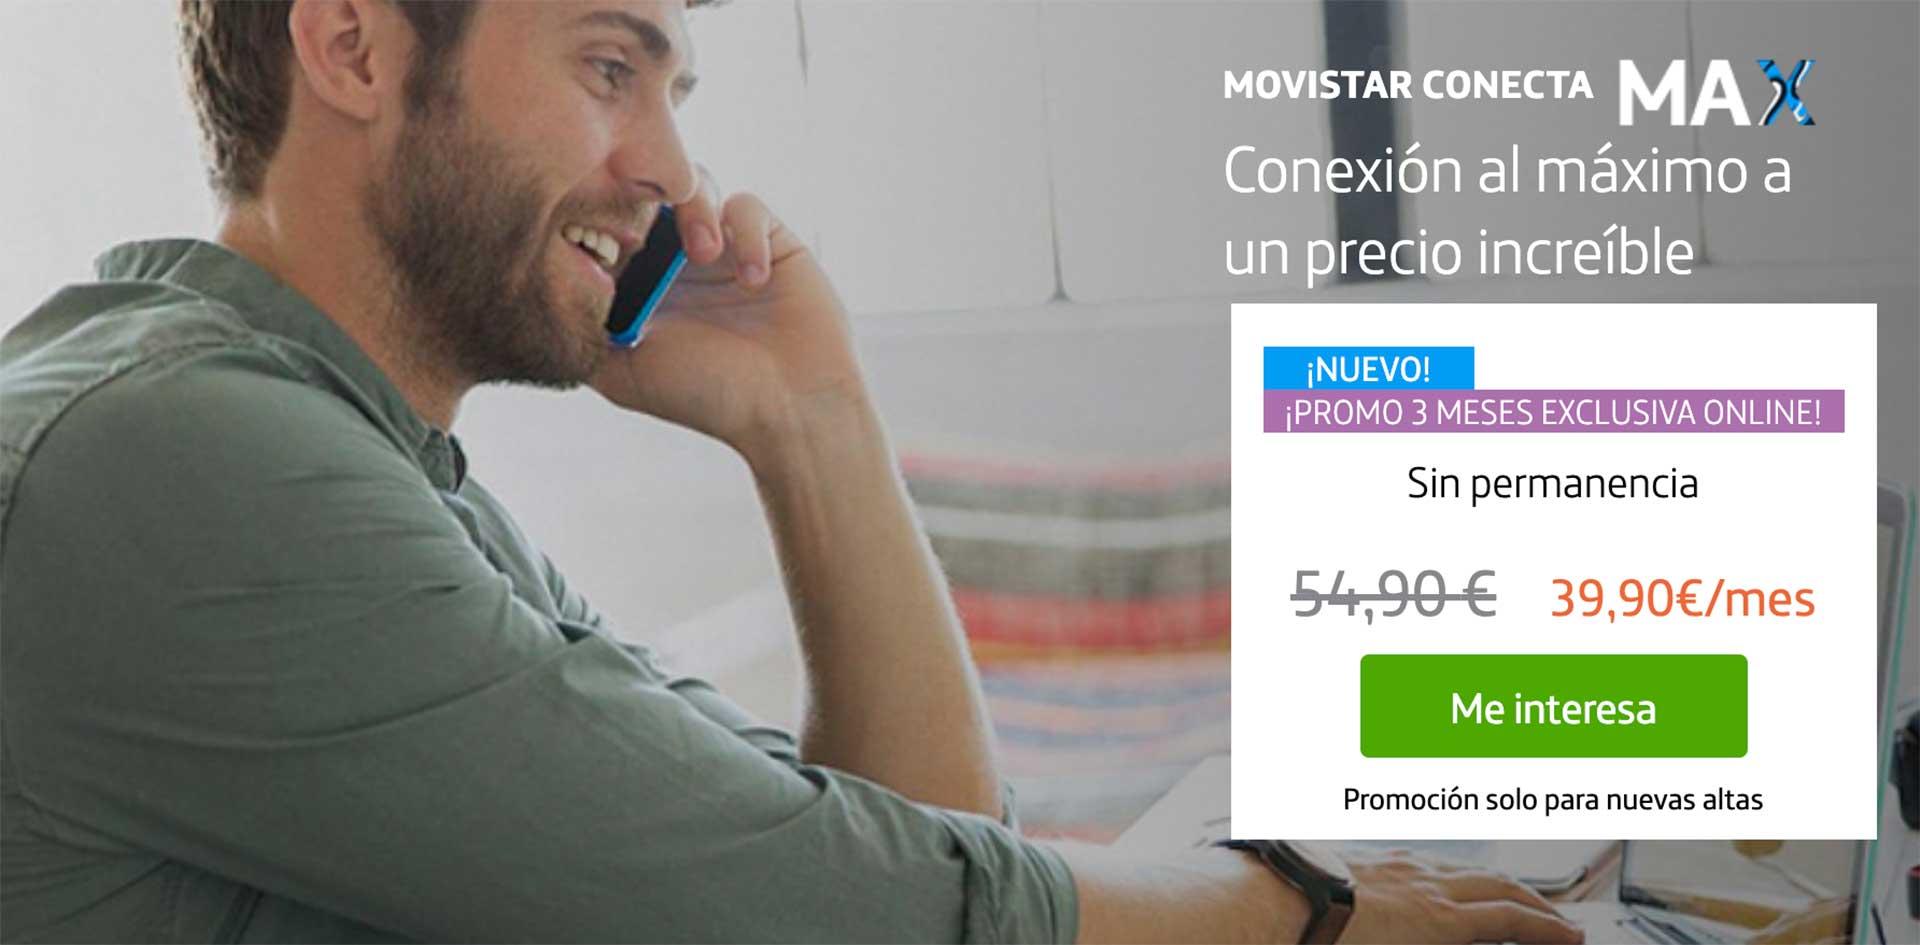 Movistar Conecta Max, detalles y letra pequeña